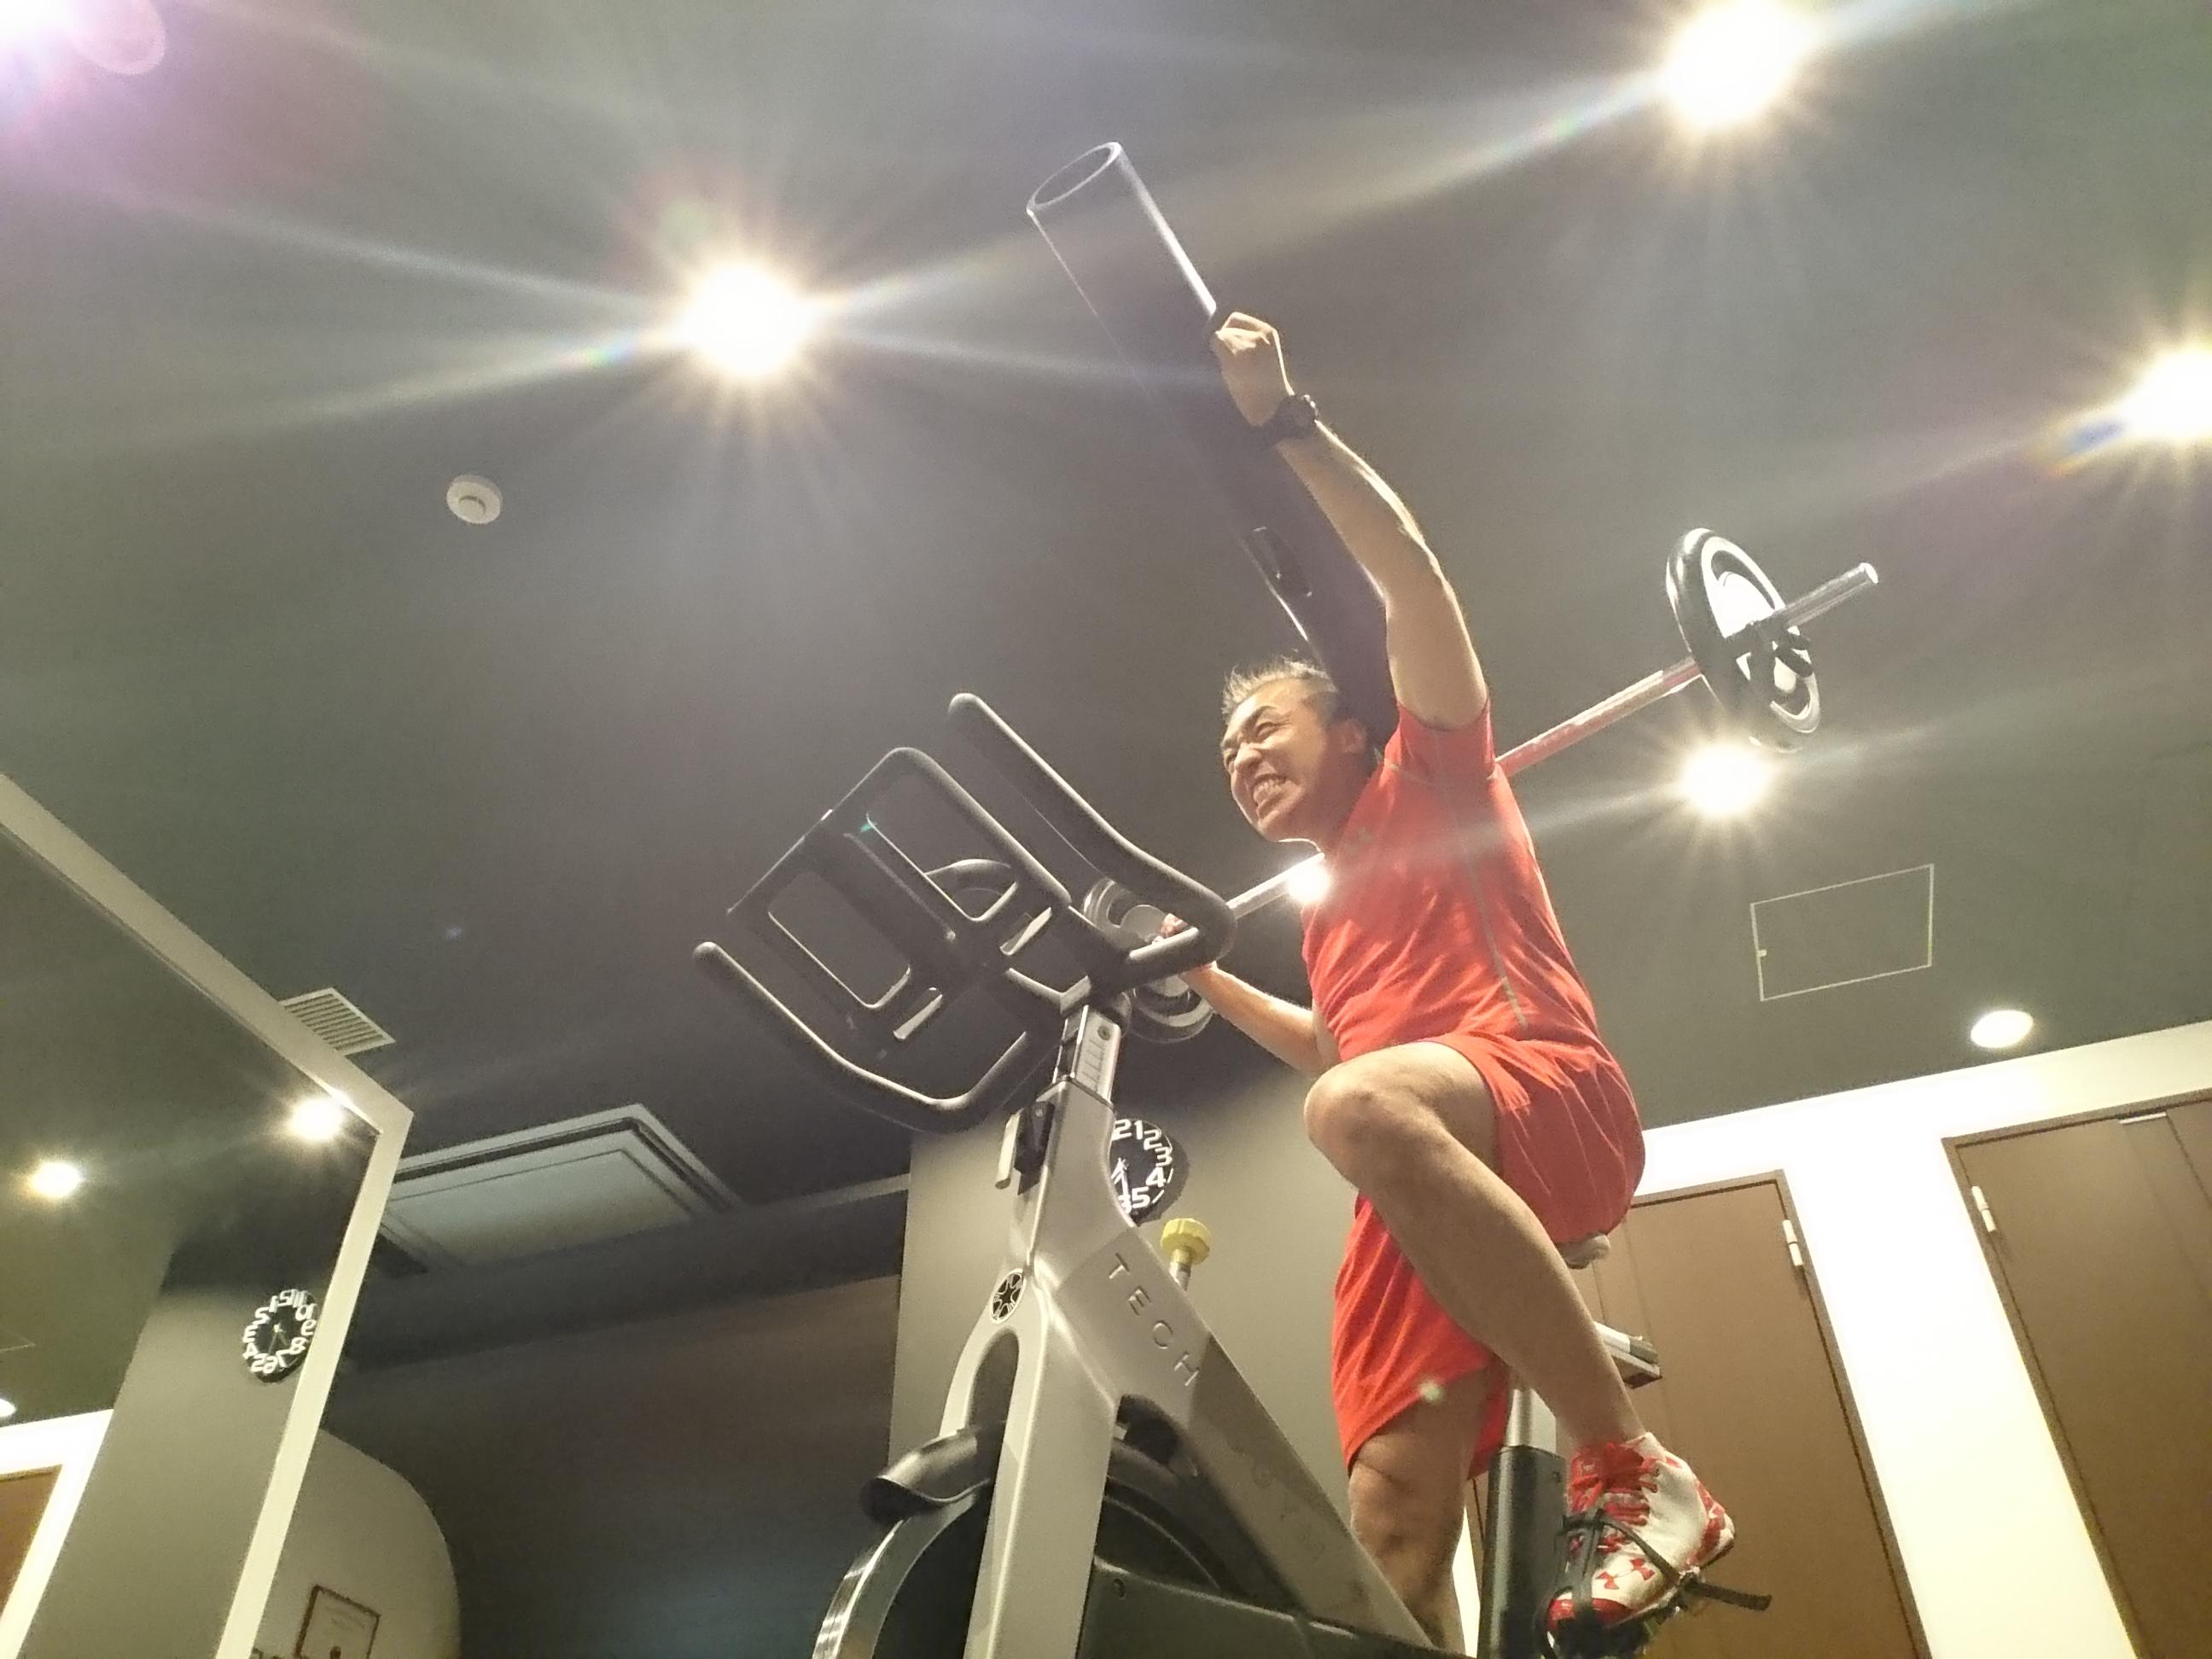 痩せるには運動が足りないみたいです…